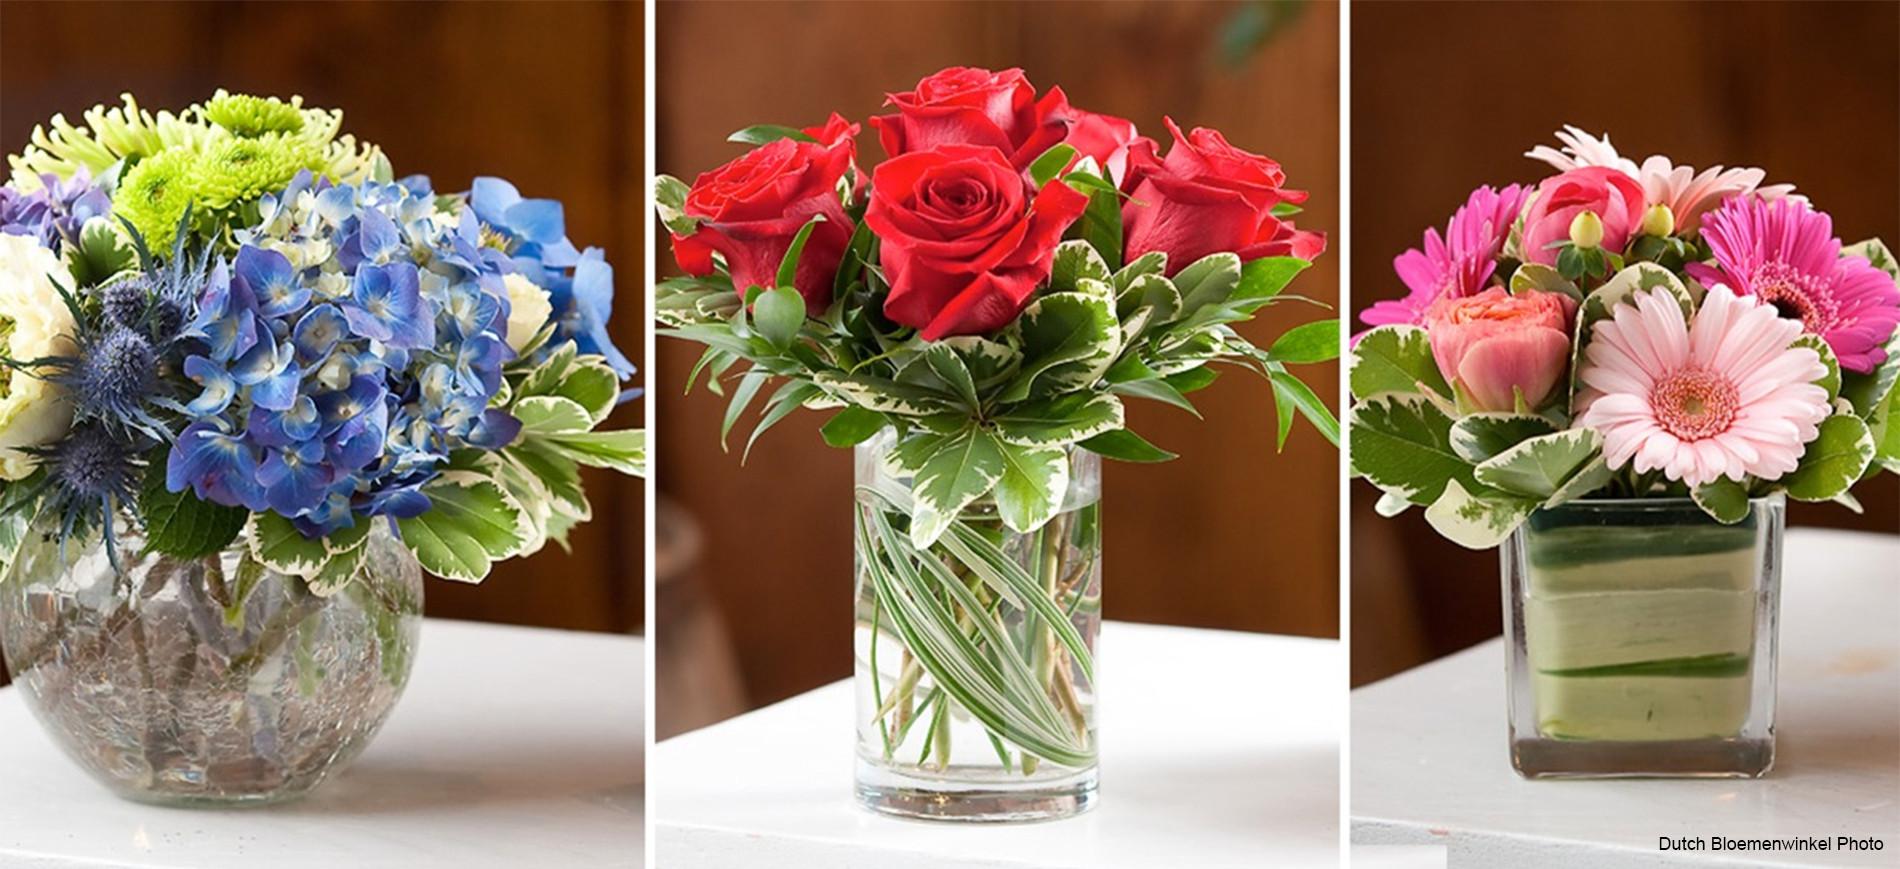 Dutch Bloemenwinkel Flowers